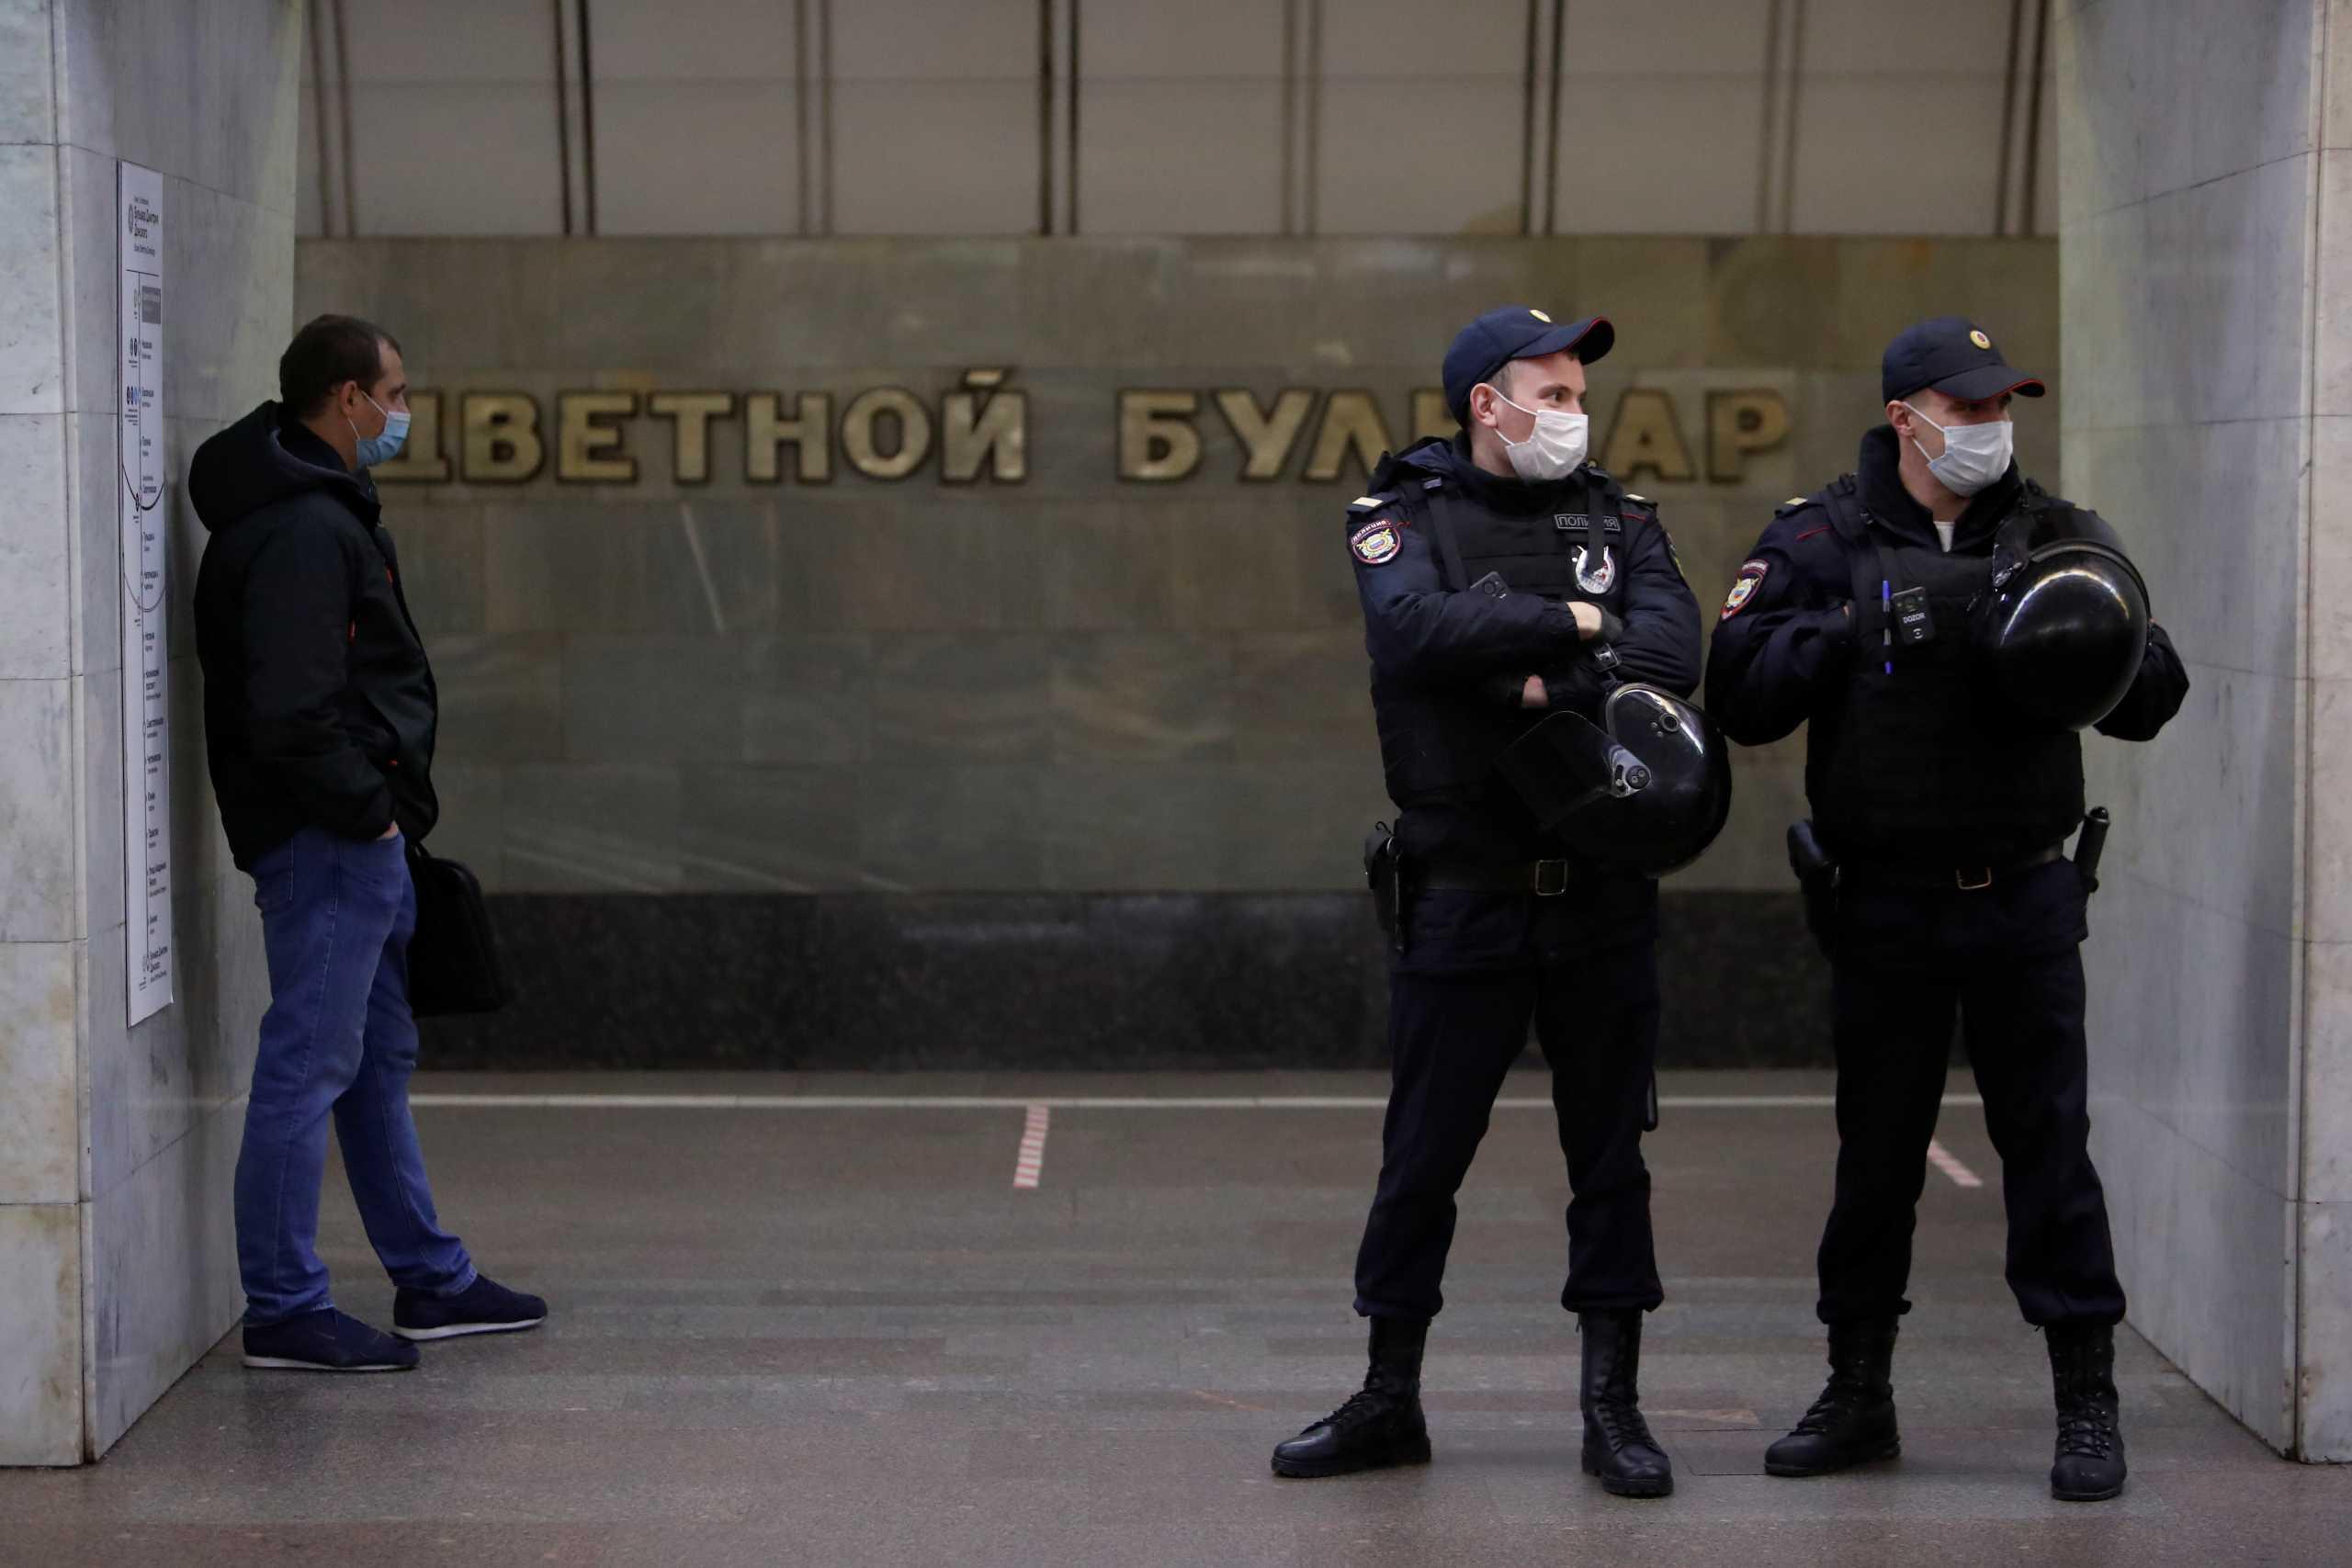 Οι Ρώσοι διώχνουν Αμερικανίδα ακτιβίστρια – Επικαλούνται λόγους ασφαλείας